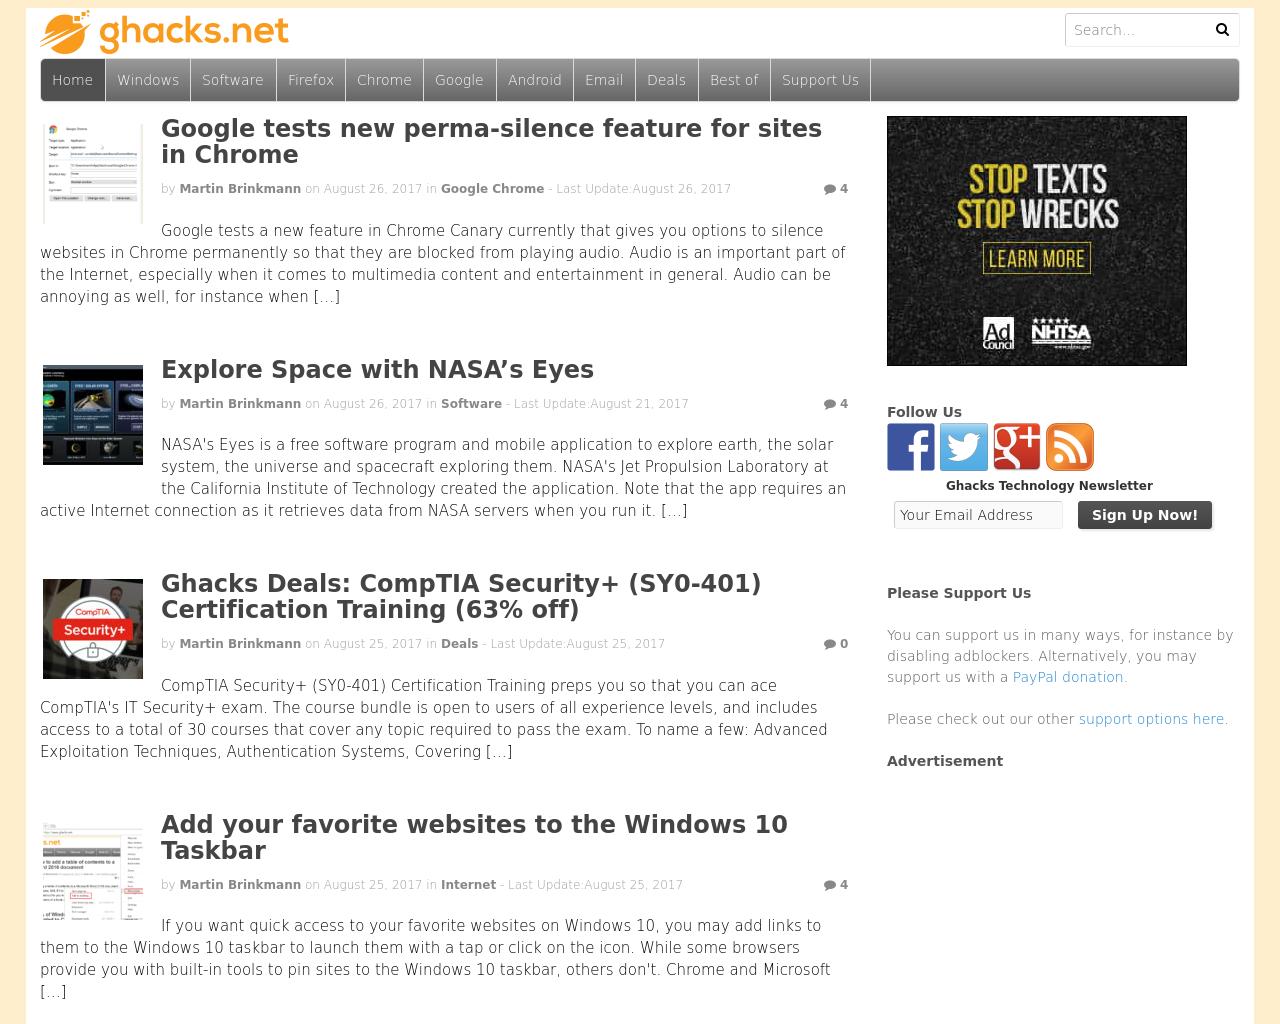 ghacks.net-Advertising-Reviews-Pricing